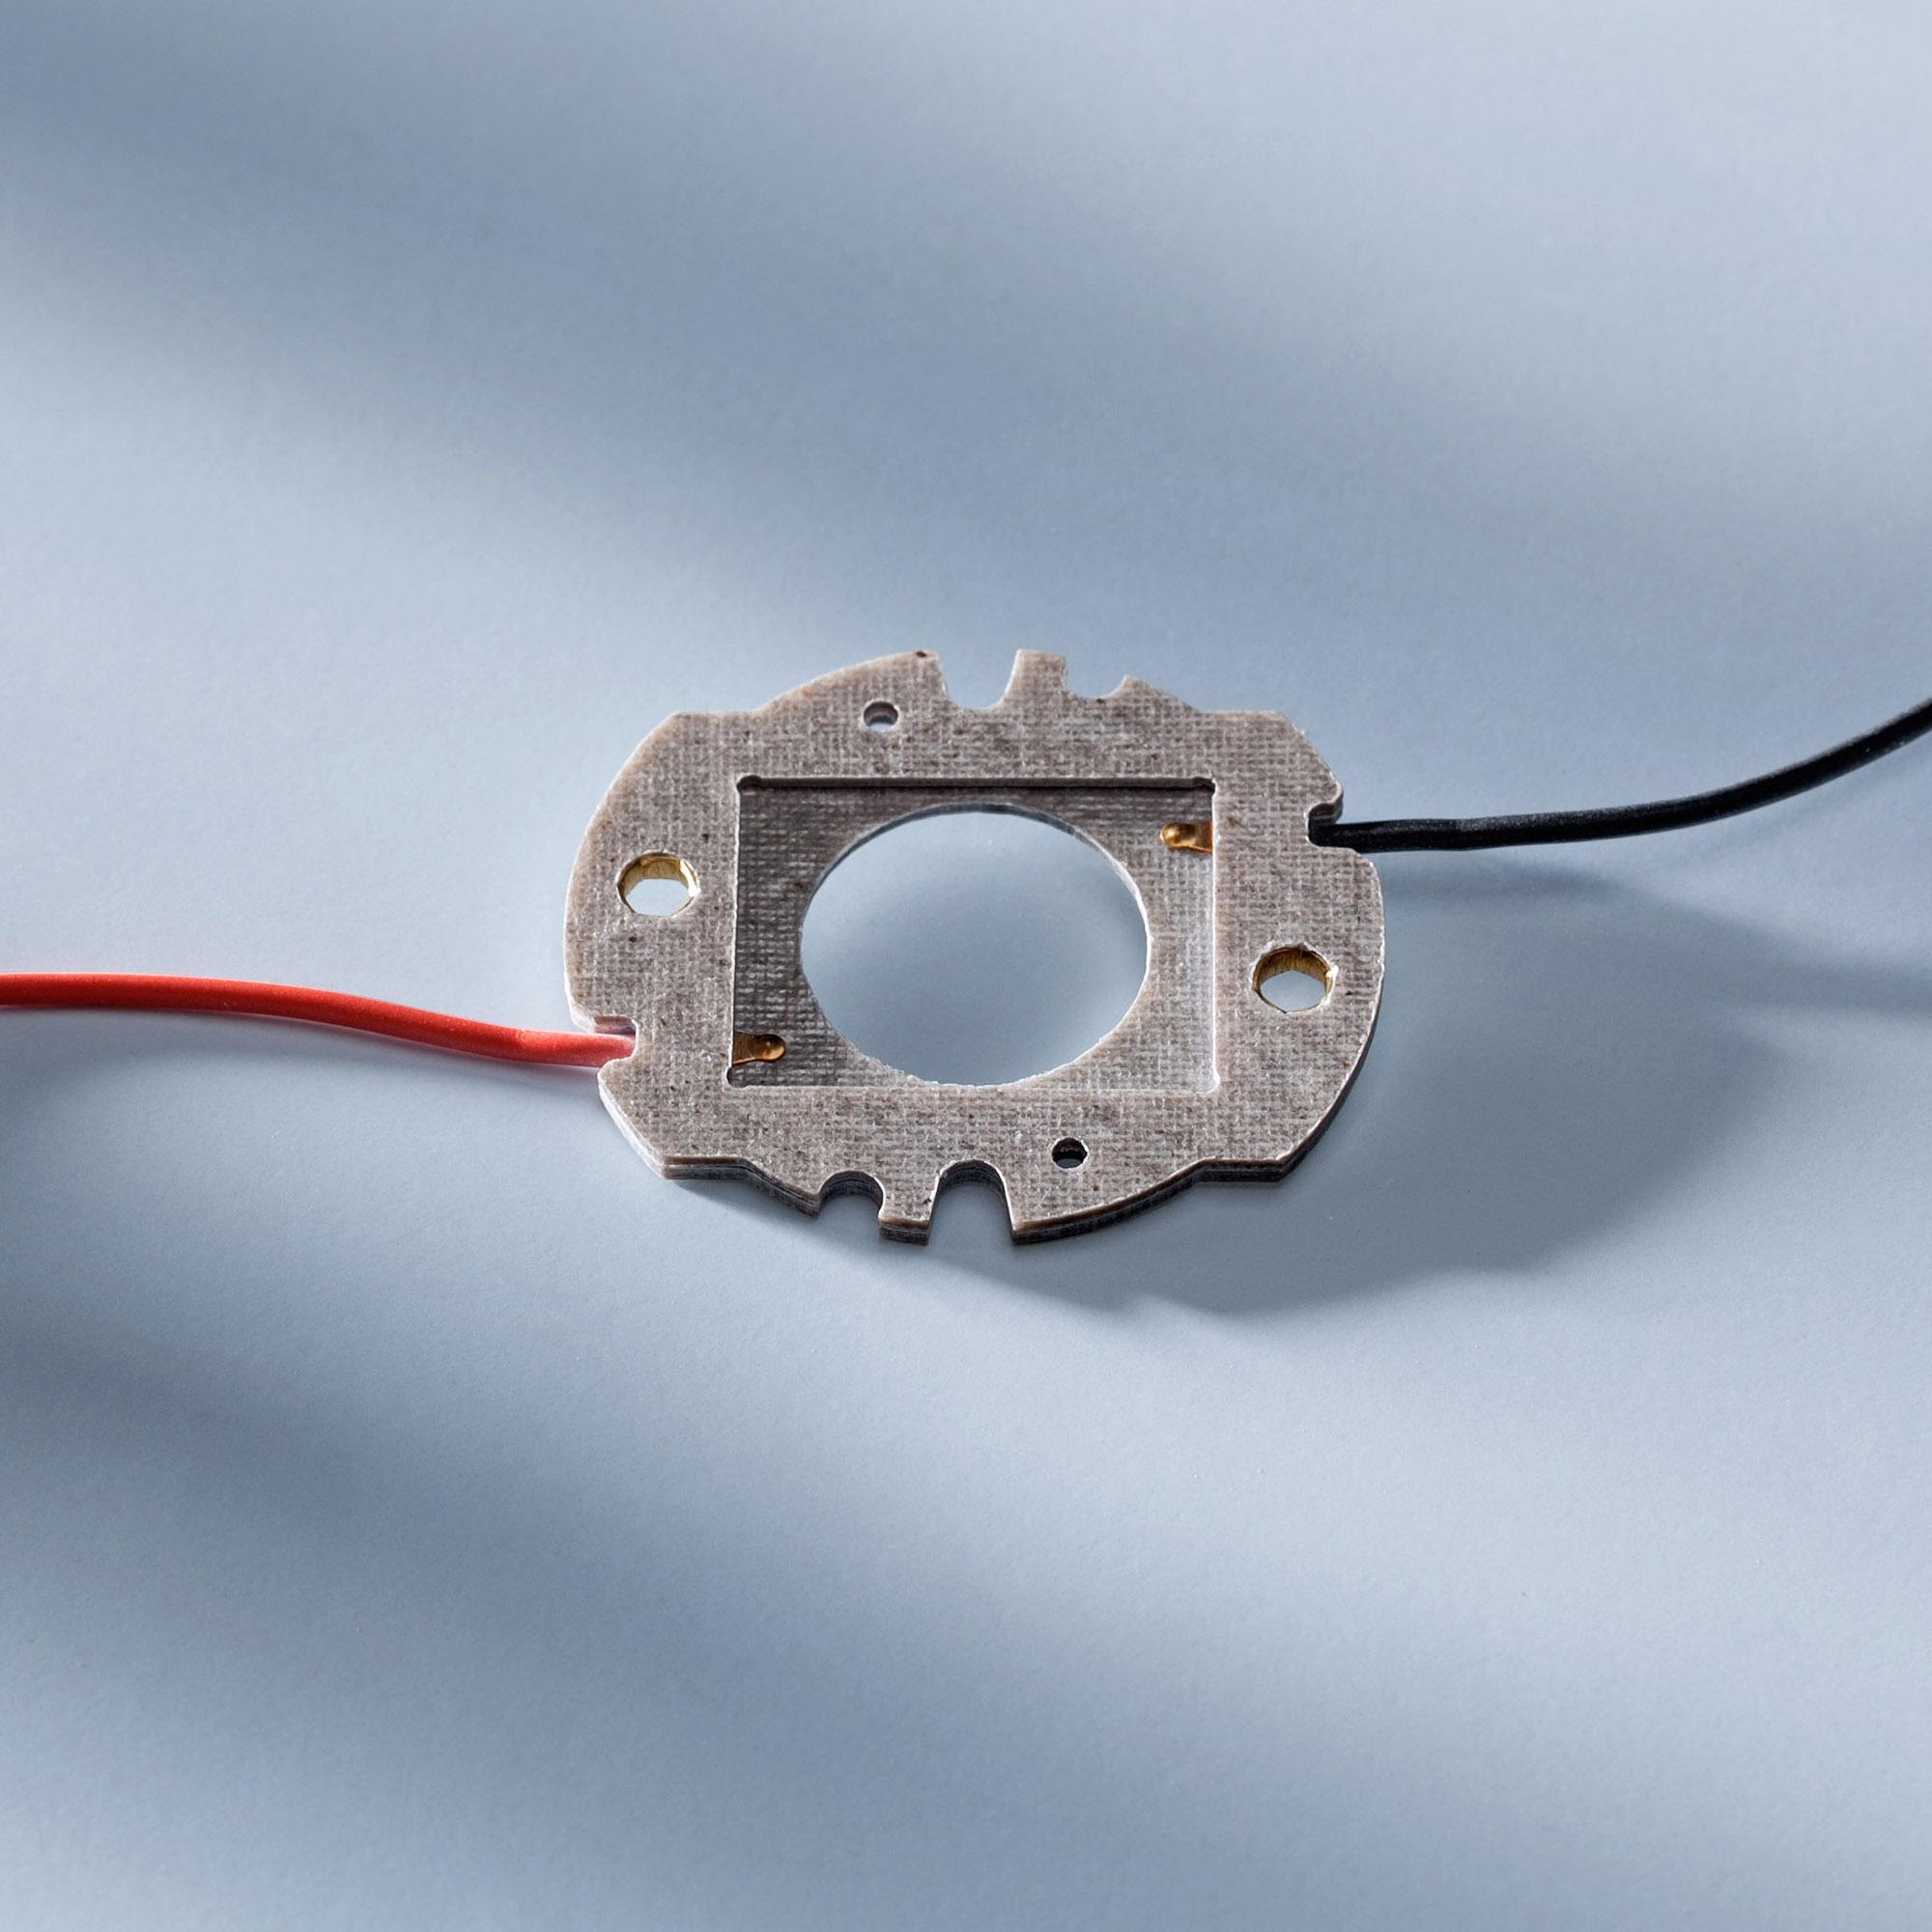 Bender & Wirth GmbH & Co. KG Bender&Wirth Anschlusselement für Nichia COB-B Familie 24x19mm, Type 084/096/108/120/130 463 Typ L2 463/44488/TypL2